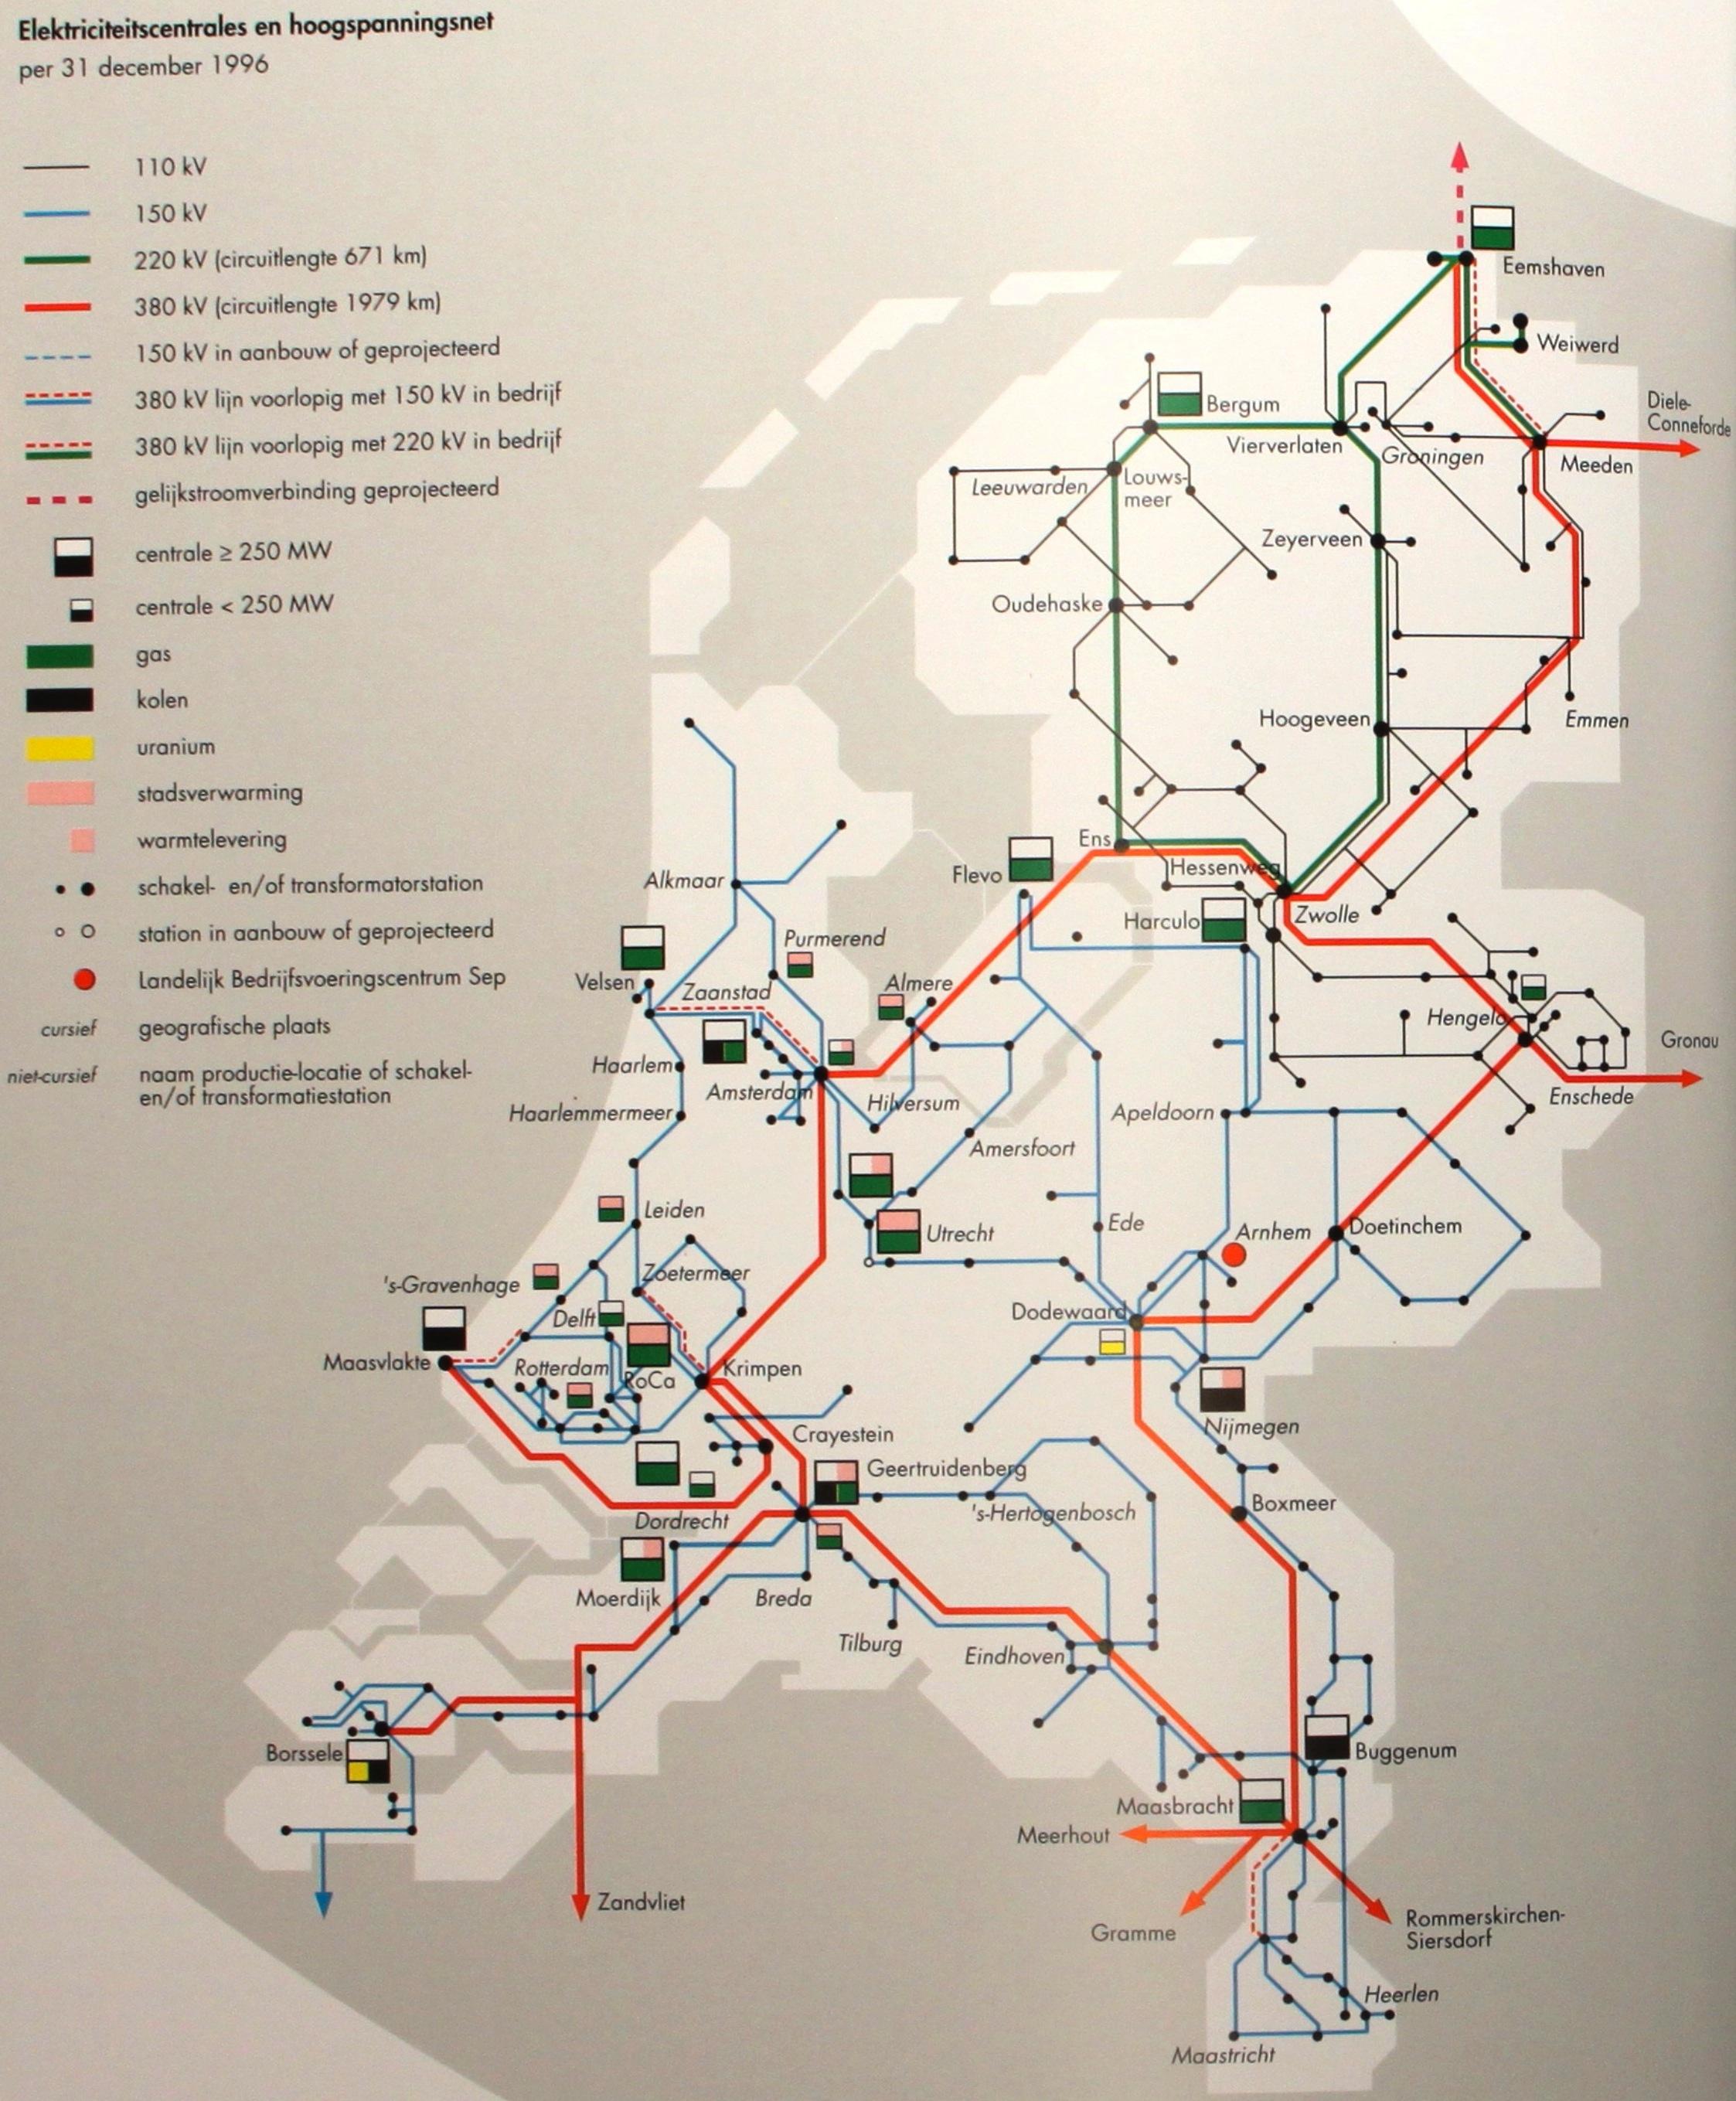 Netkaart van 1996